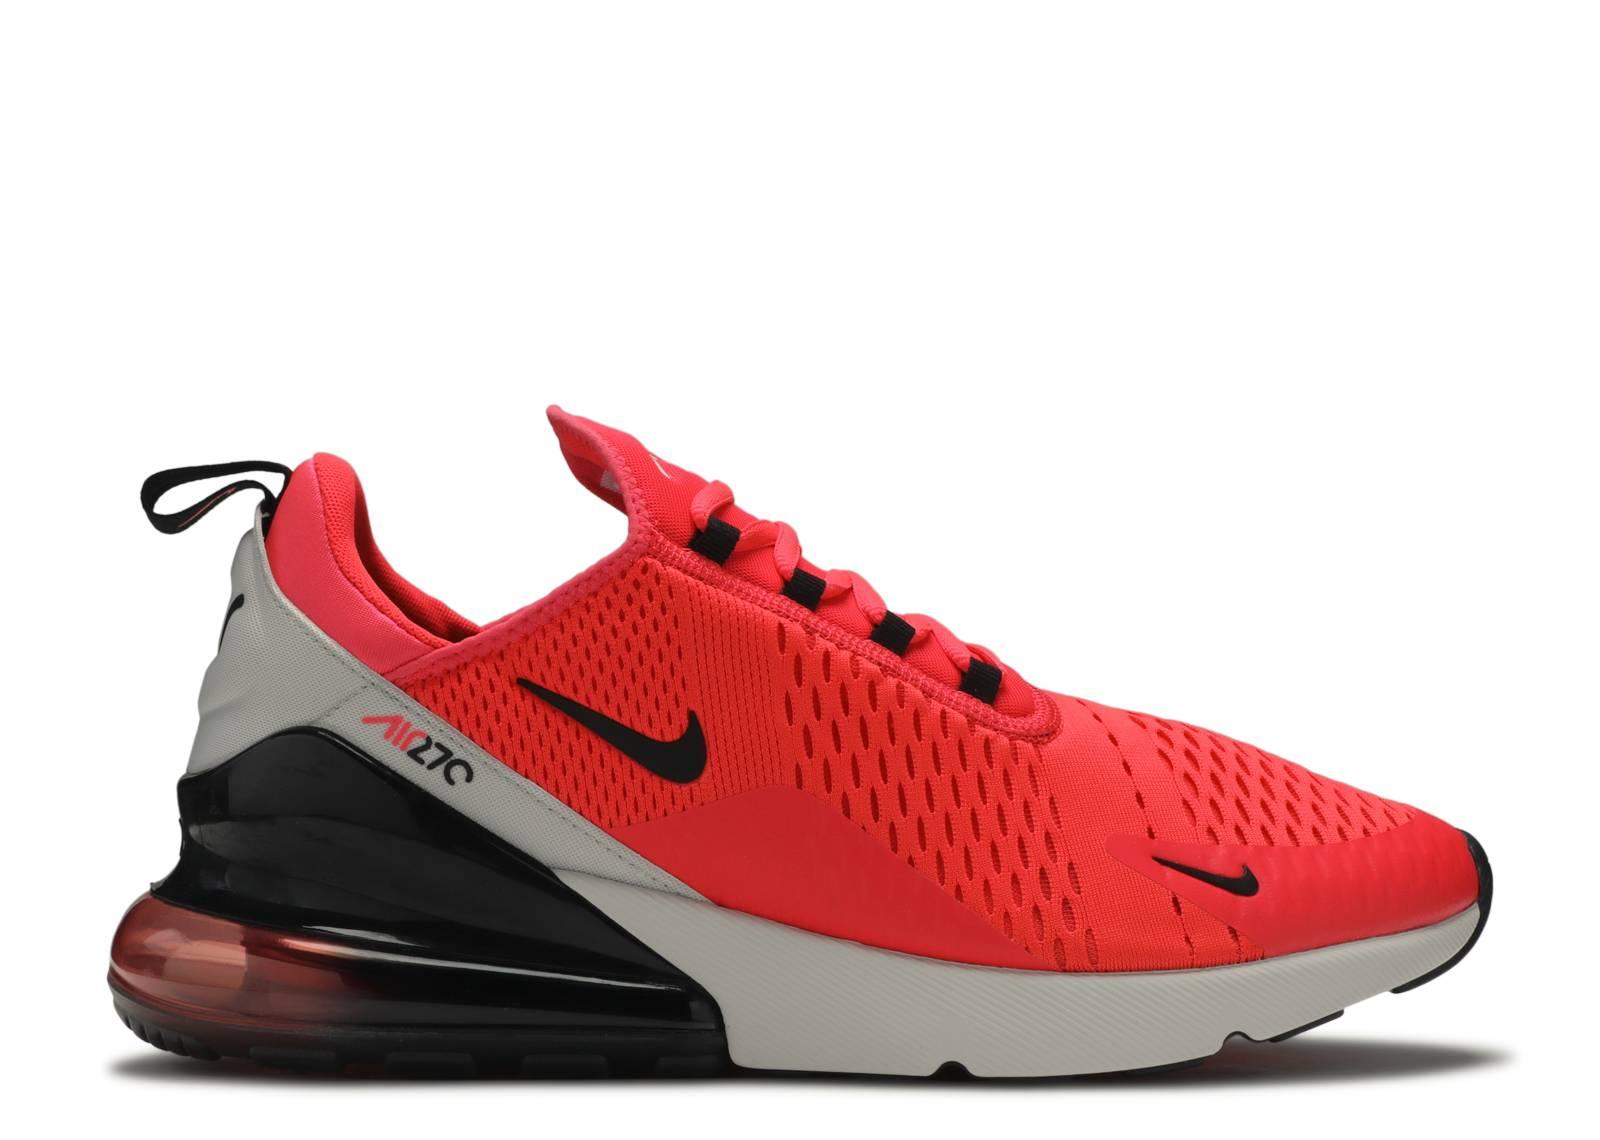 Air Max 270 Red Orbit Nike Bv6078 600 Red Orbit Black Vast